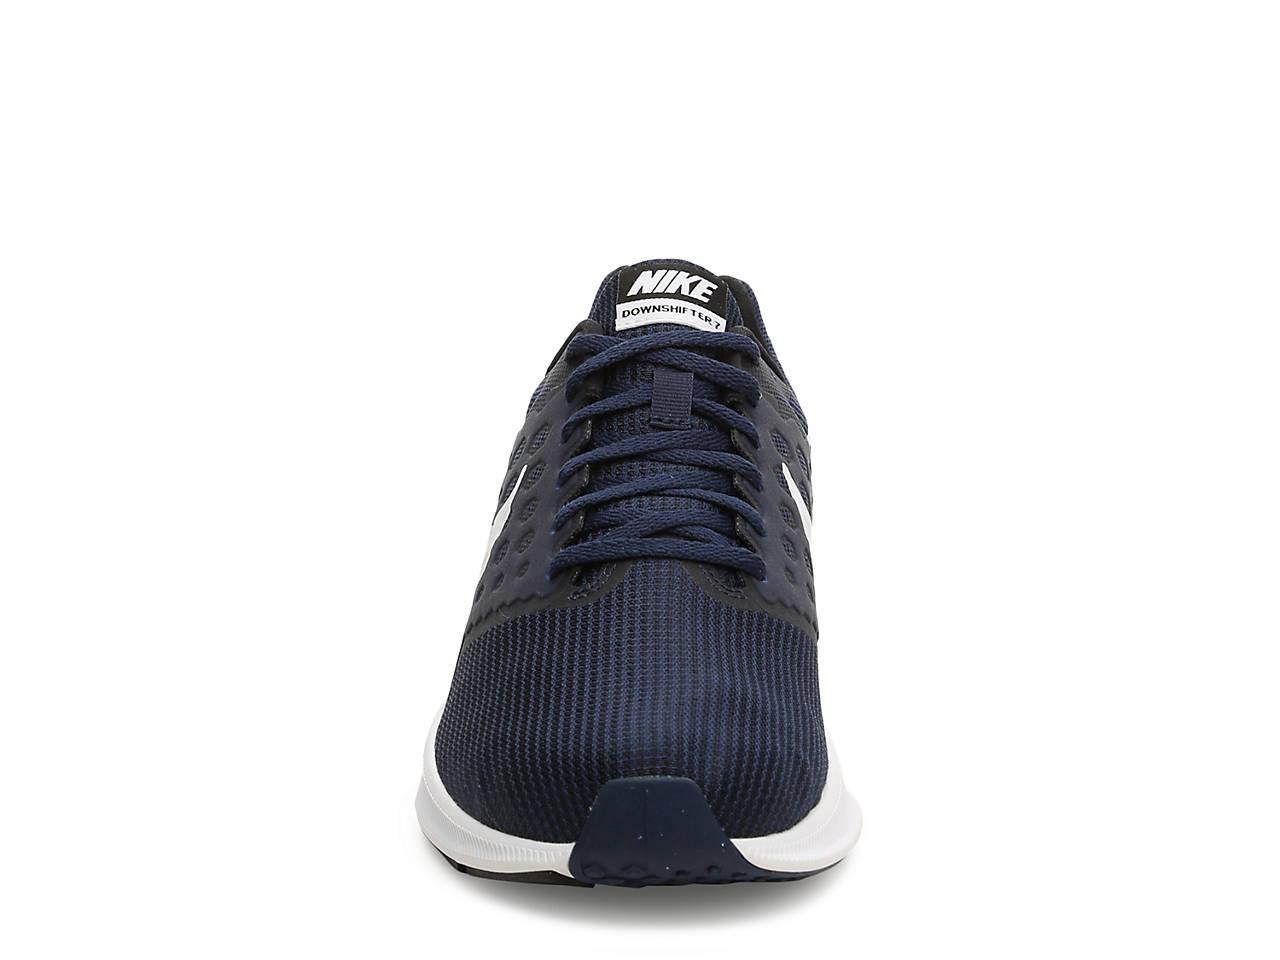 e06f7447768df Nike Downshifter 7 Lightweight Running Shoe - Men s Men s Shoes